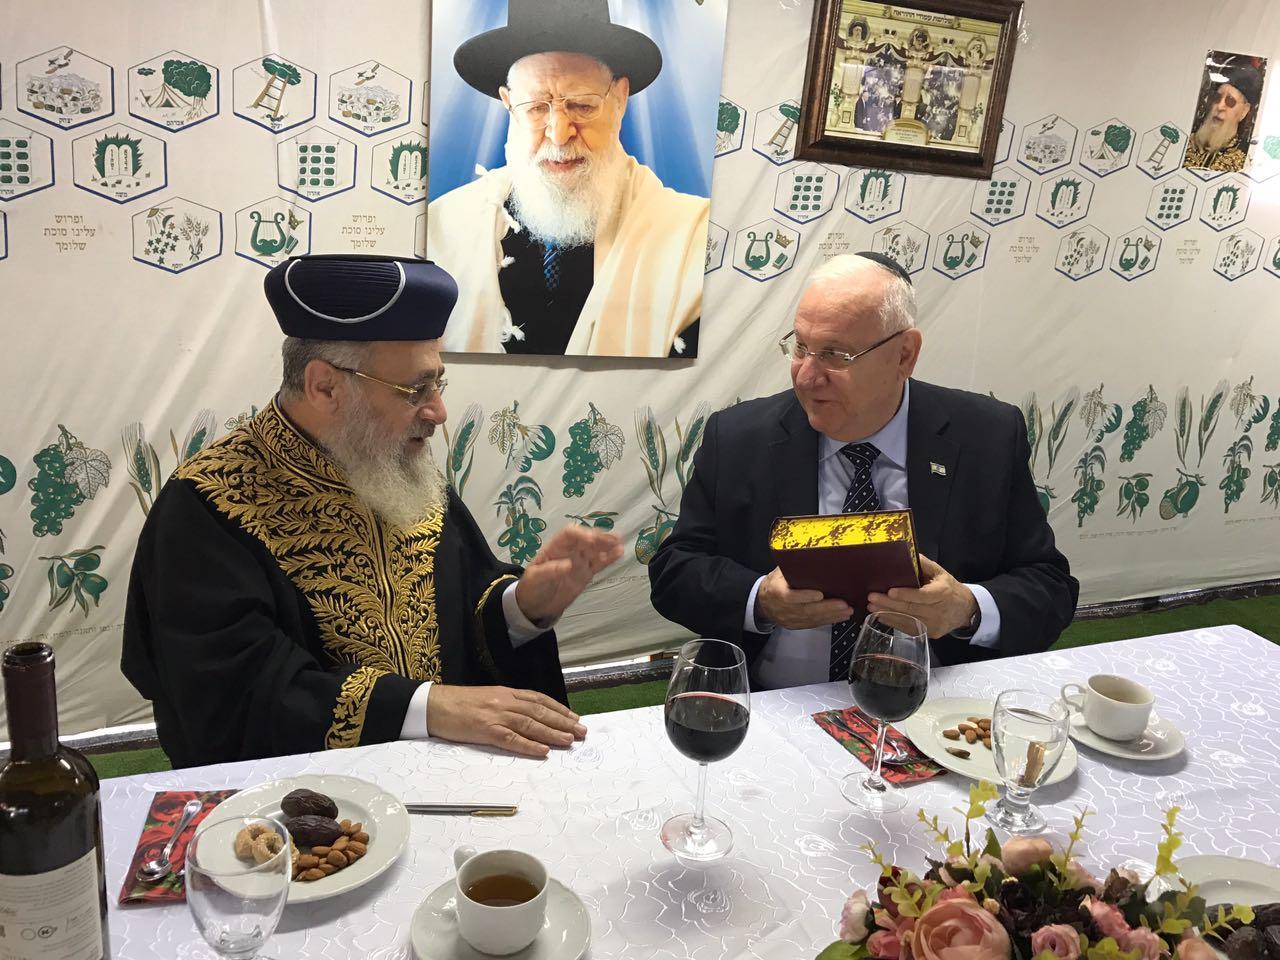 נשיא המדינה ריבלין והרב יצחק יוסף